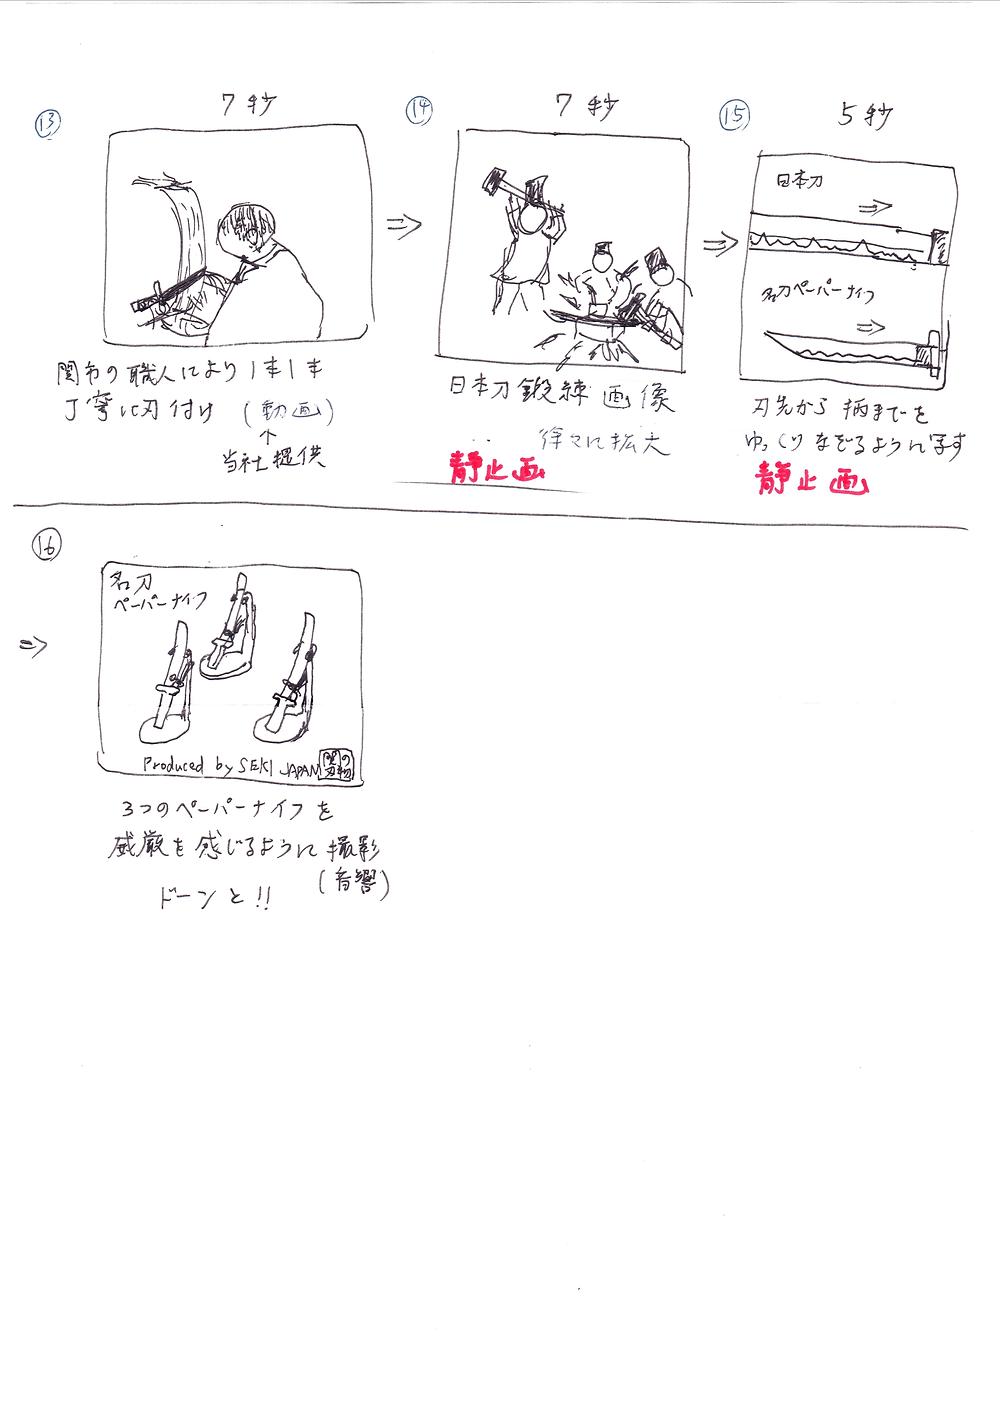 関の刃物 絵コンテ2